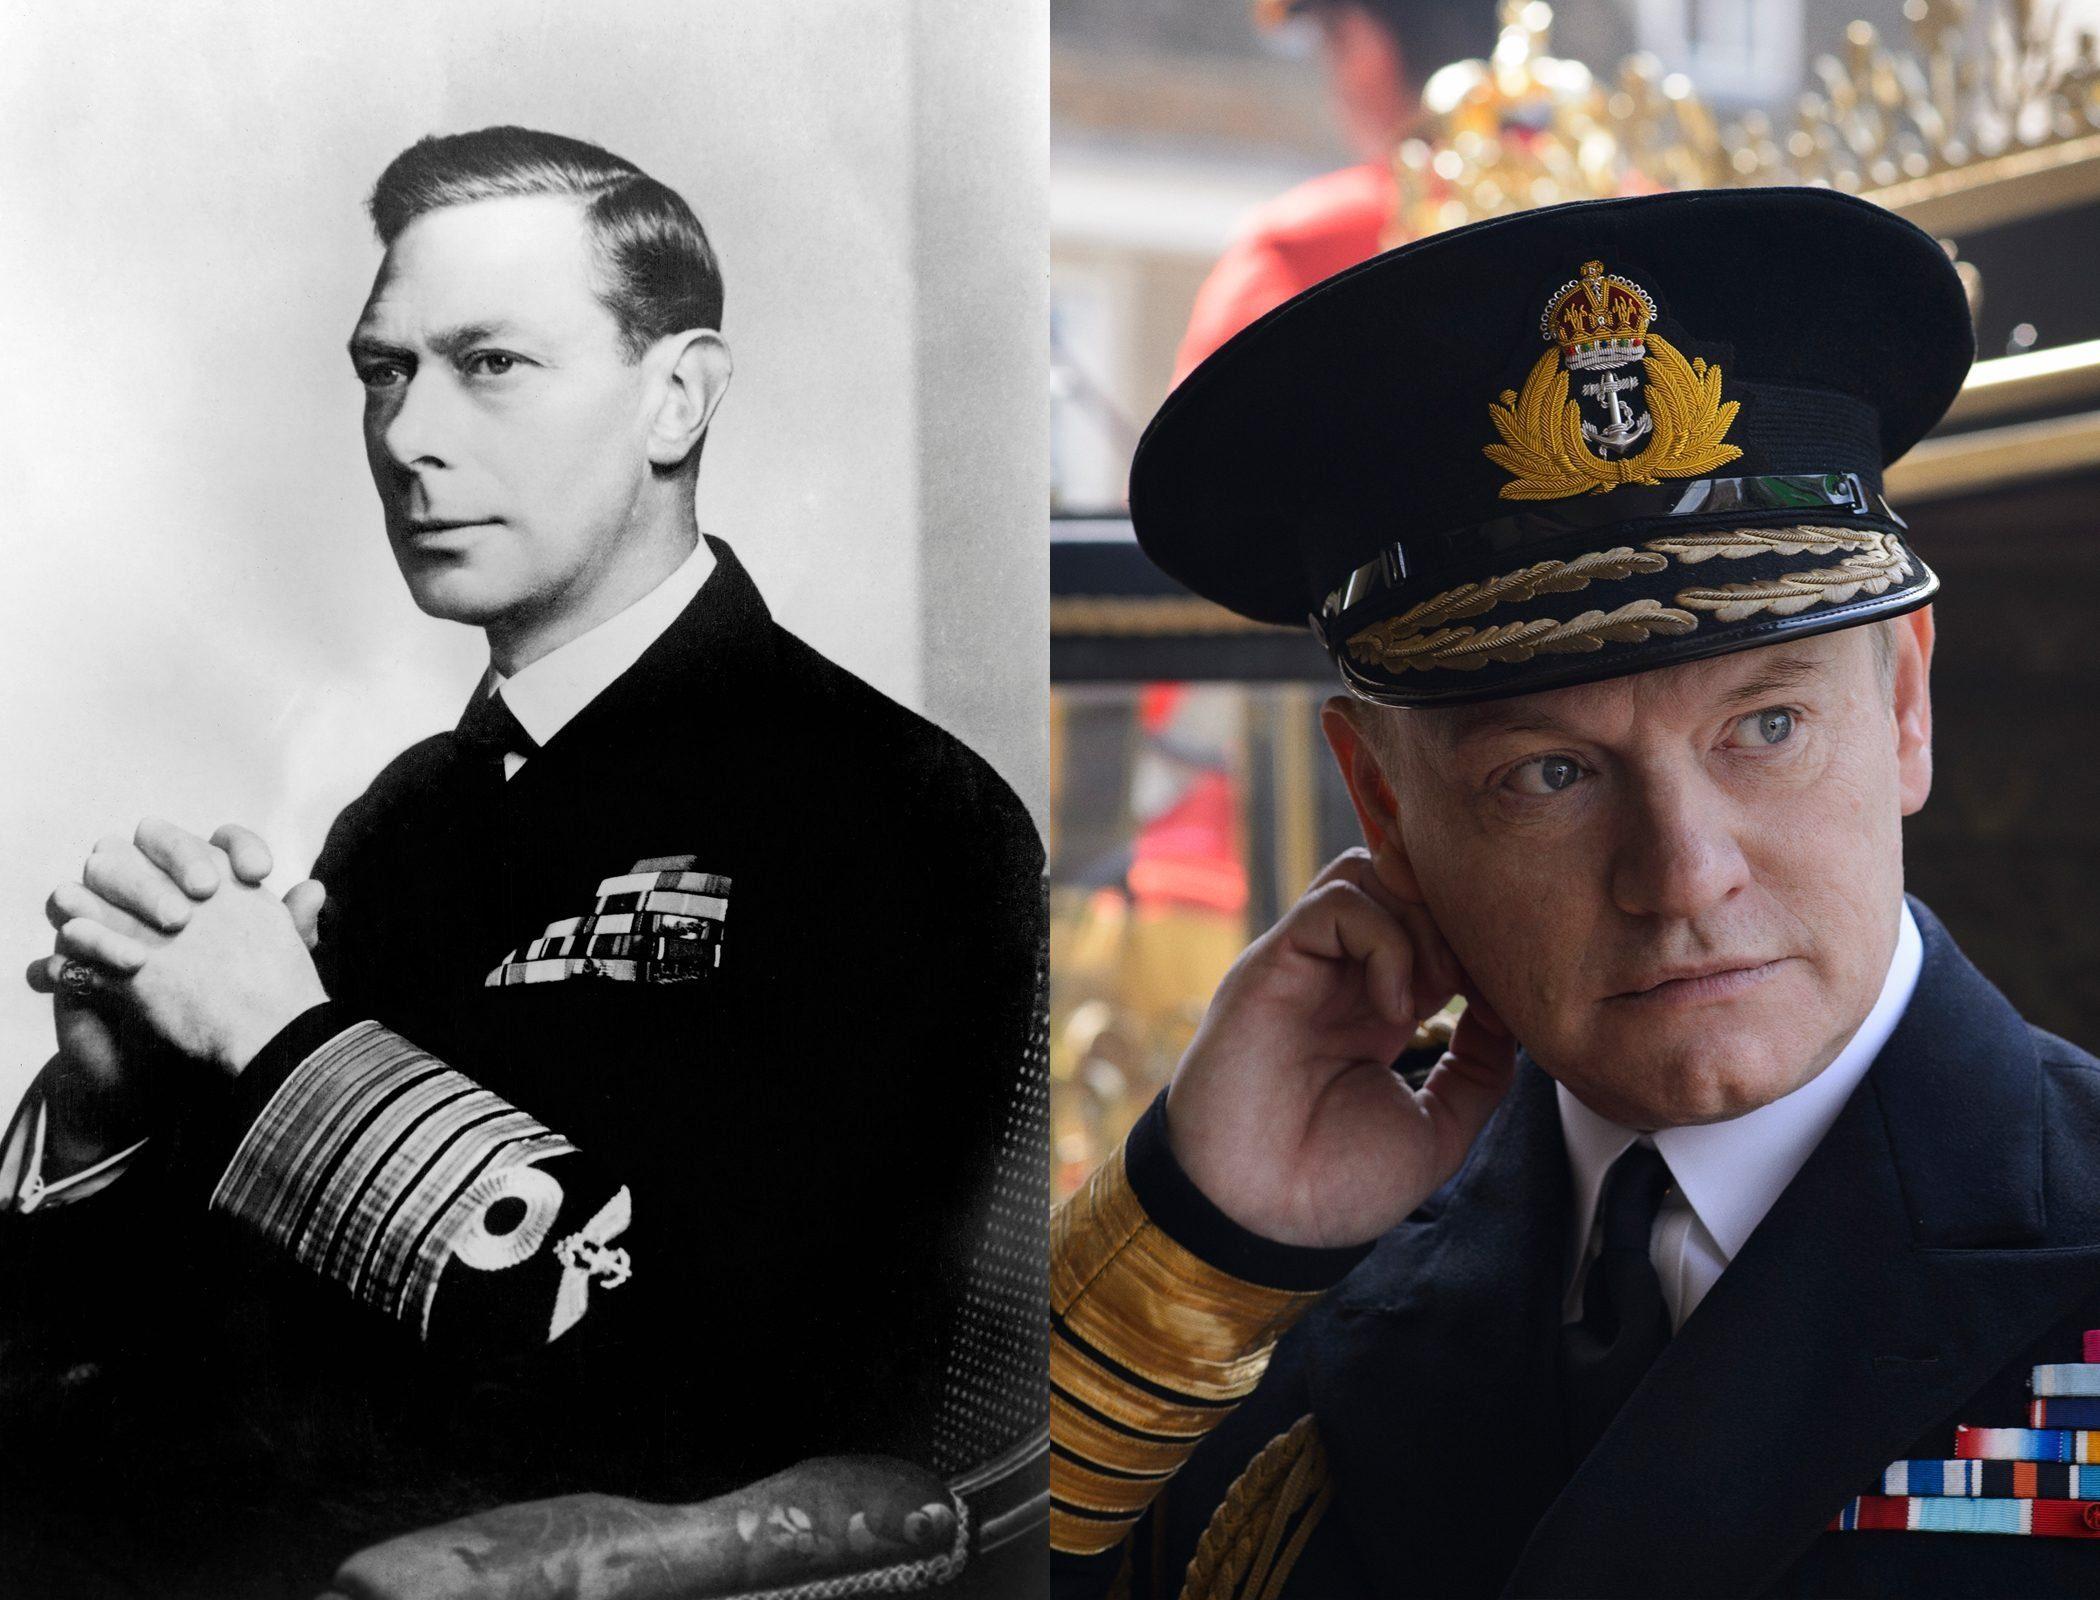 King George VI, as played by Jared Harris